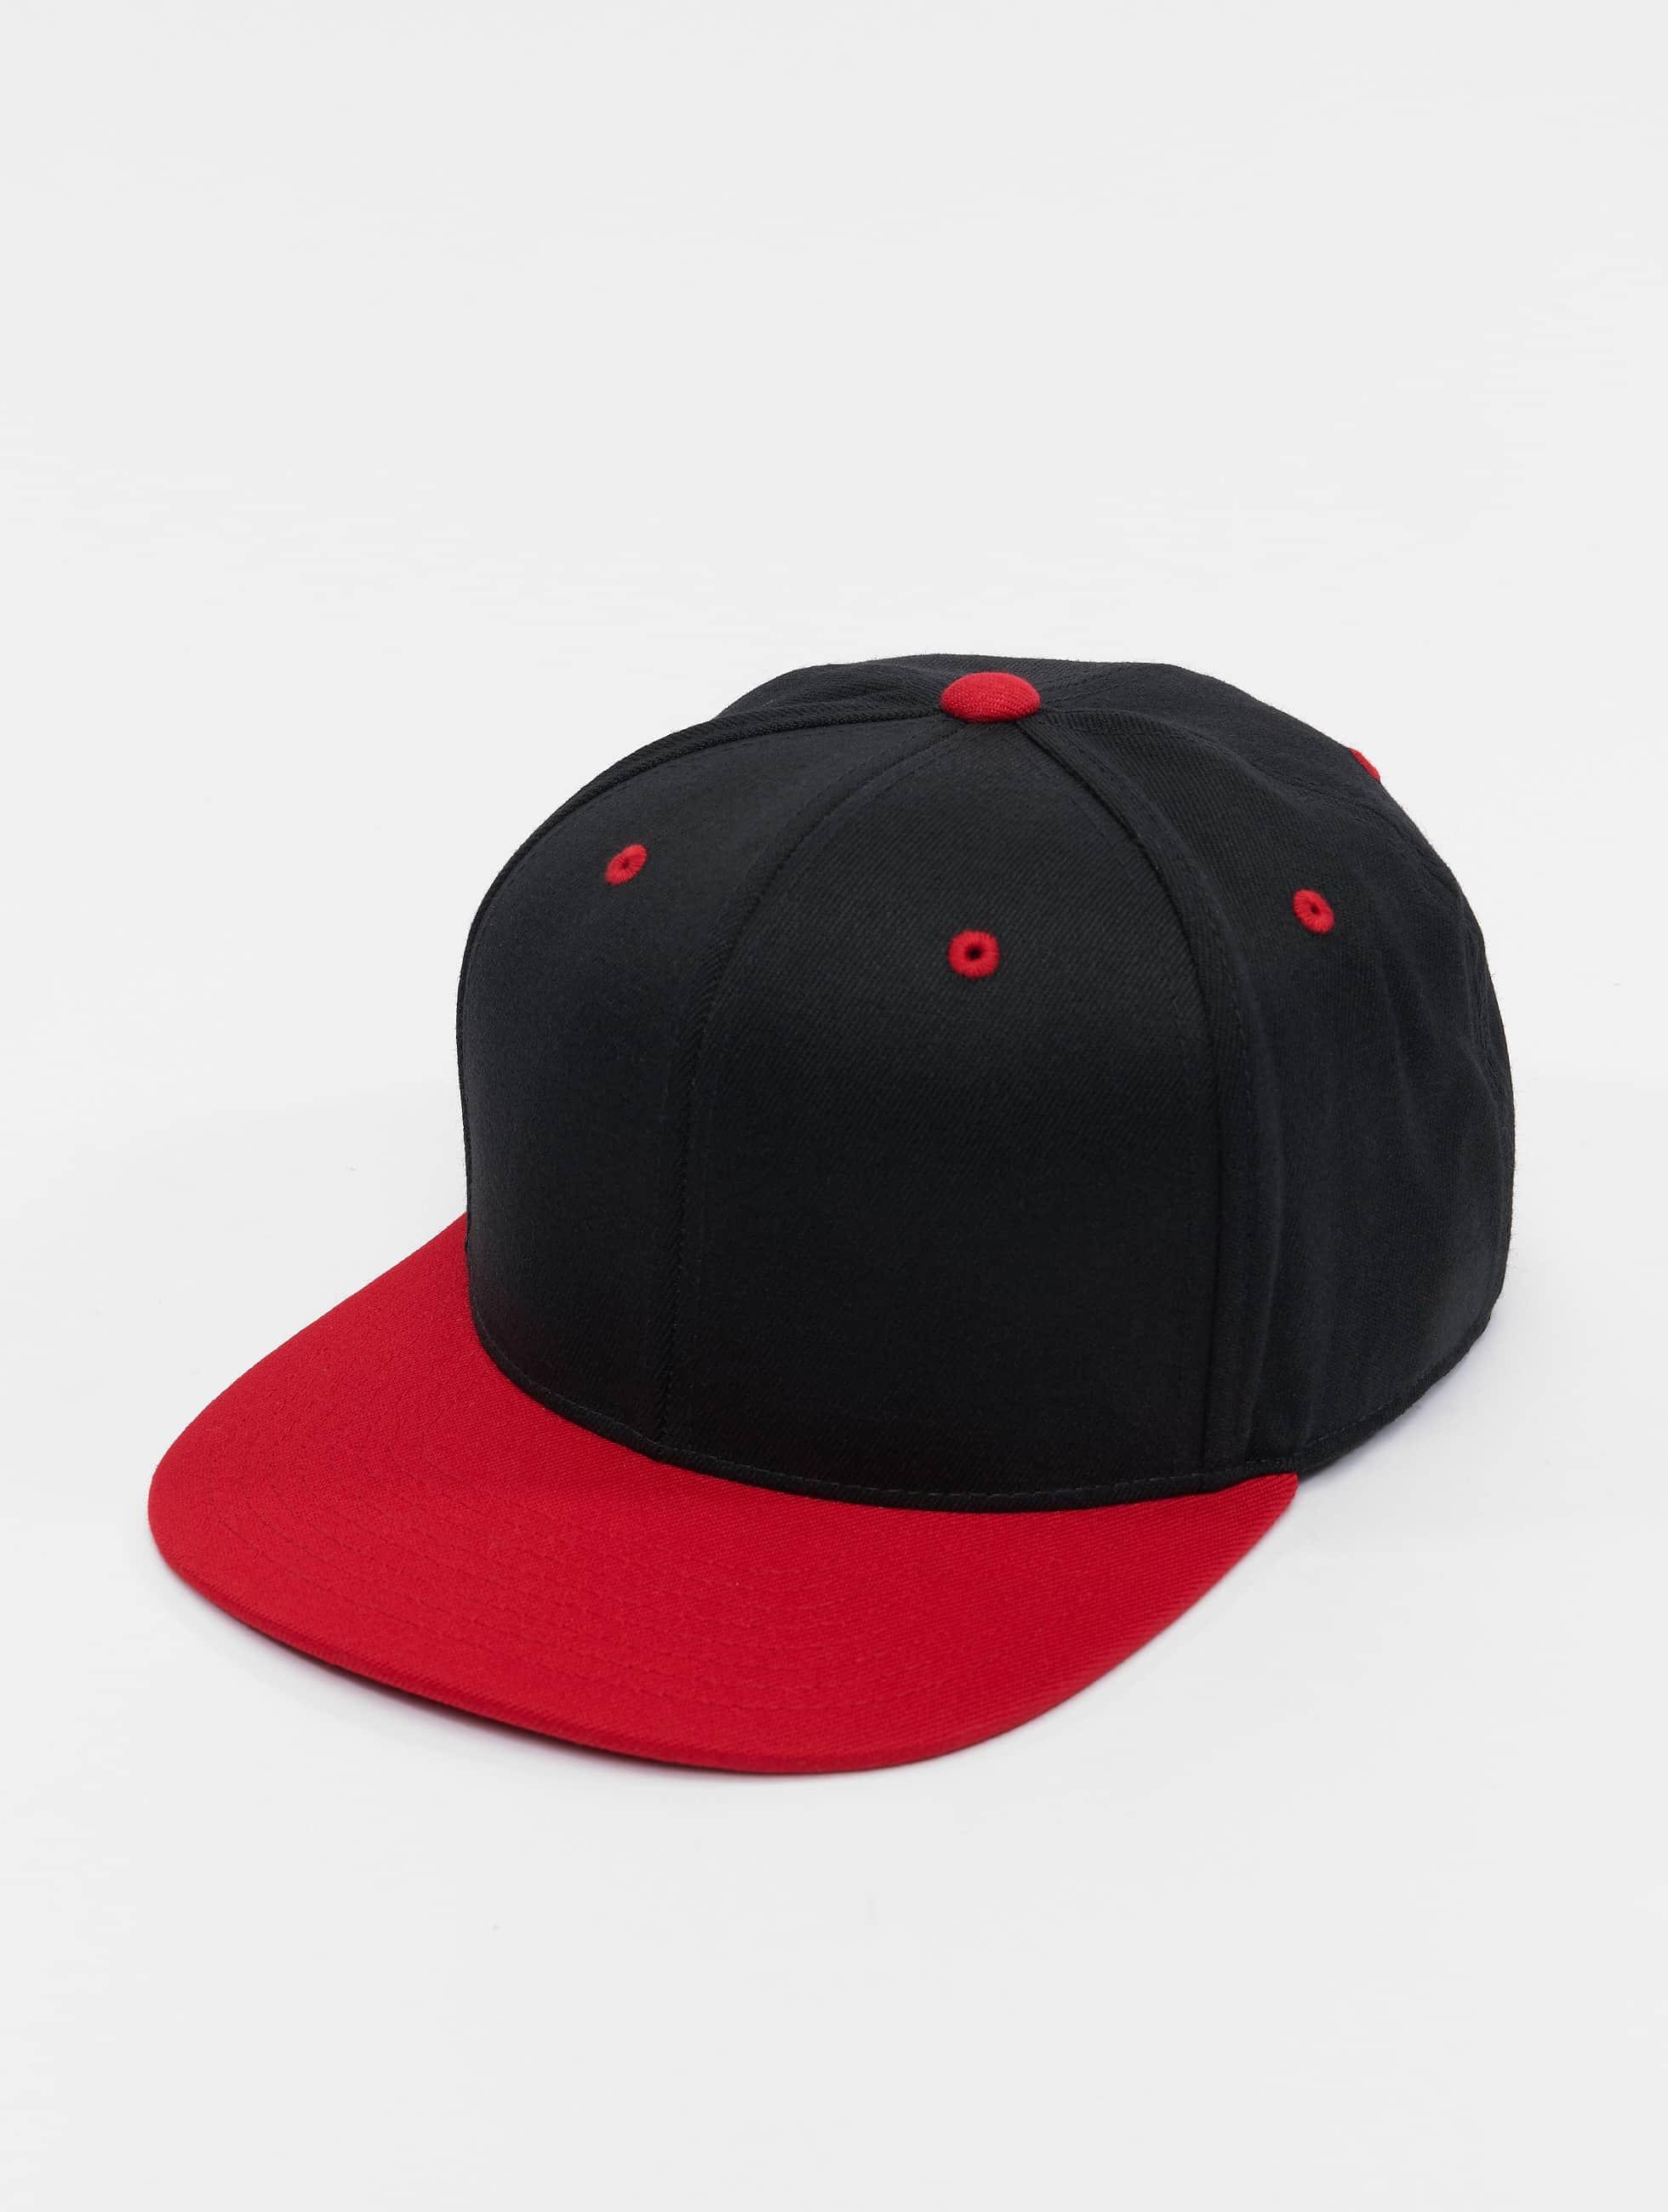 Flexfit Männer,Frauen Snapback Cap 110 in schwarz